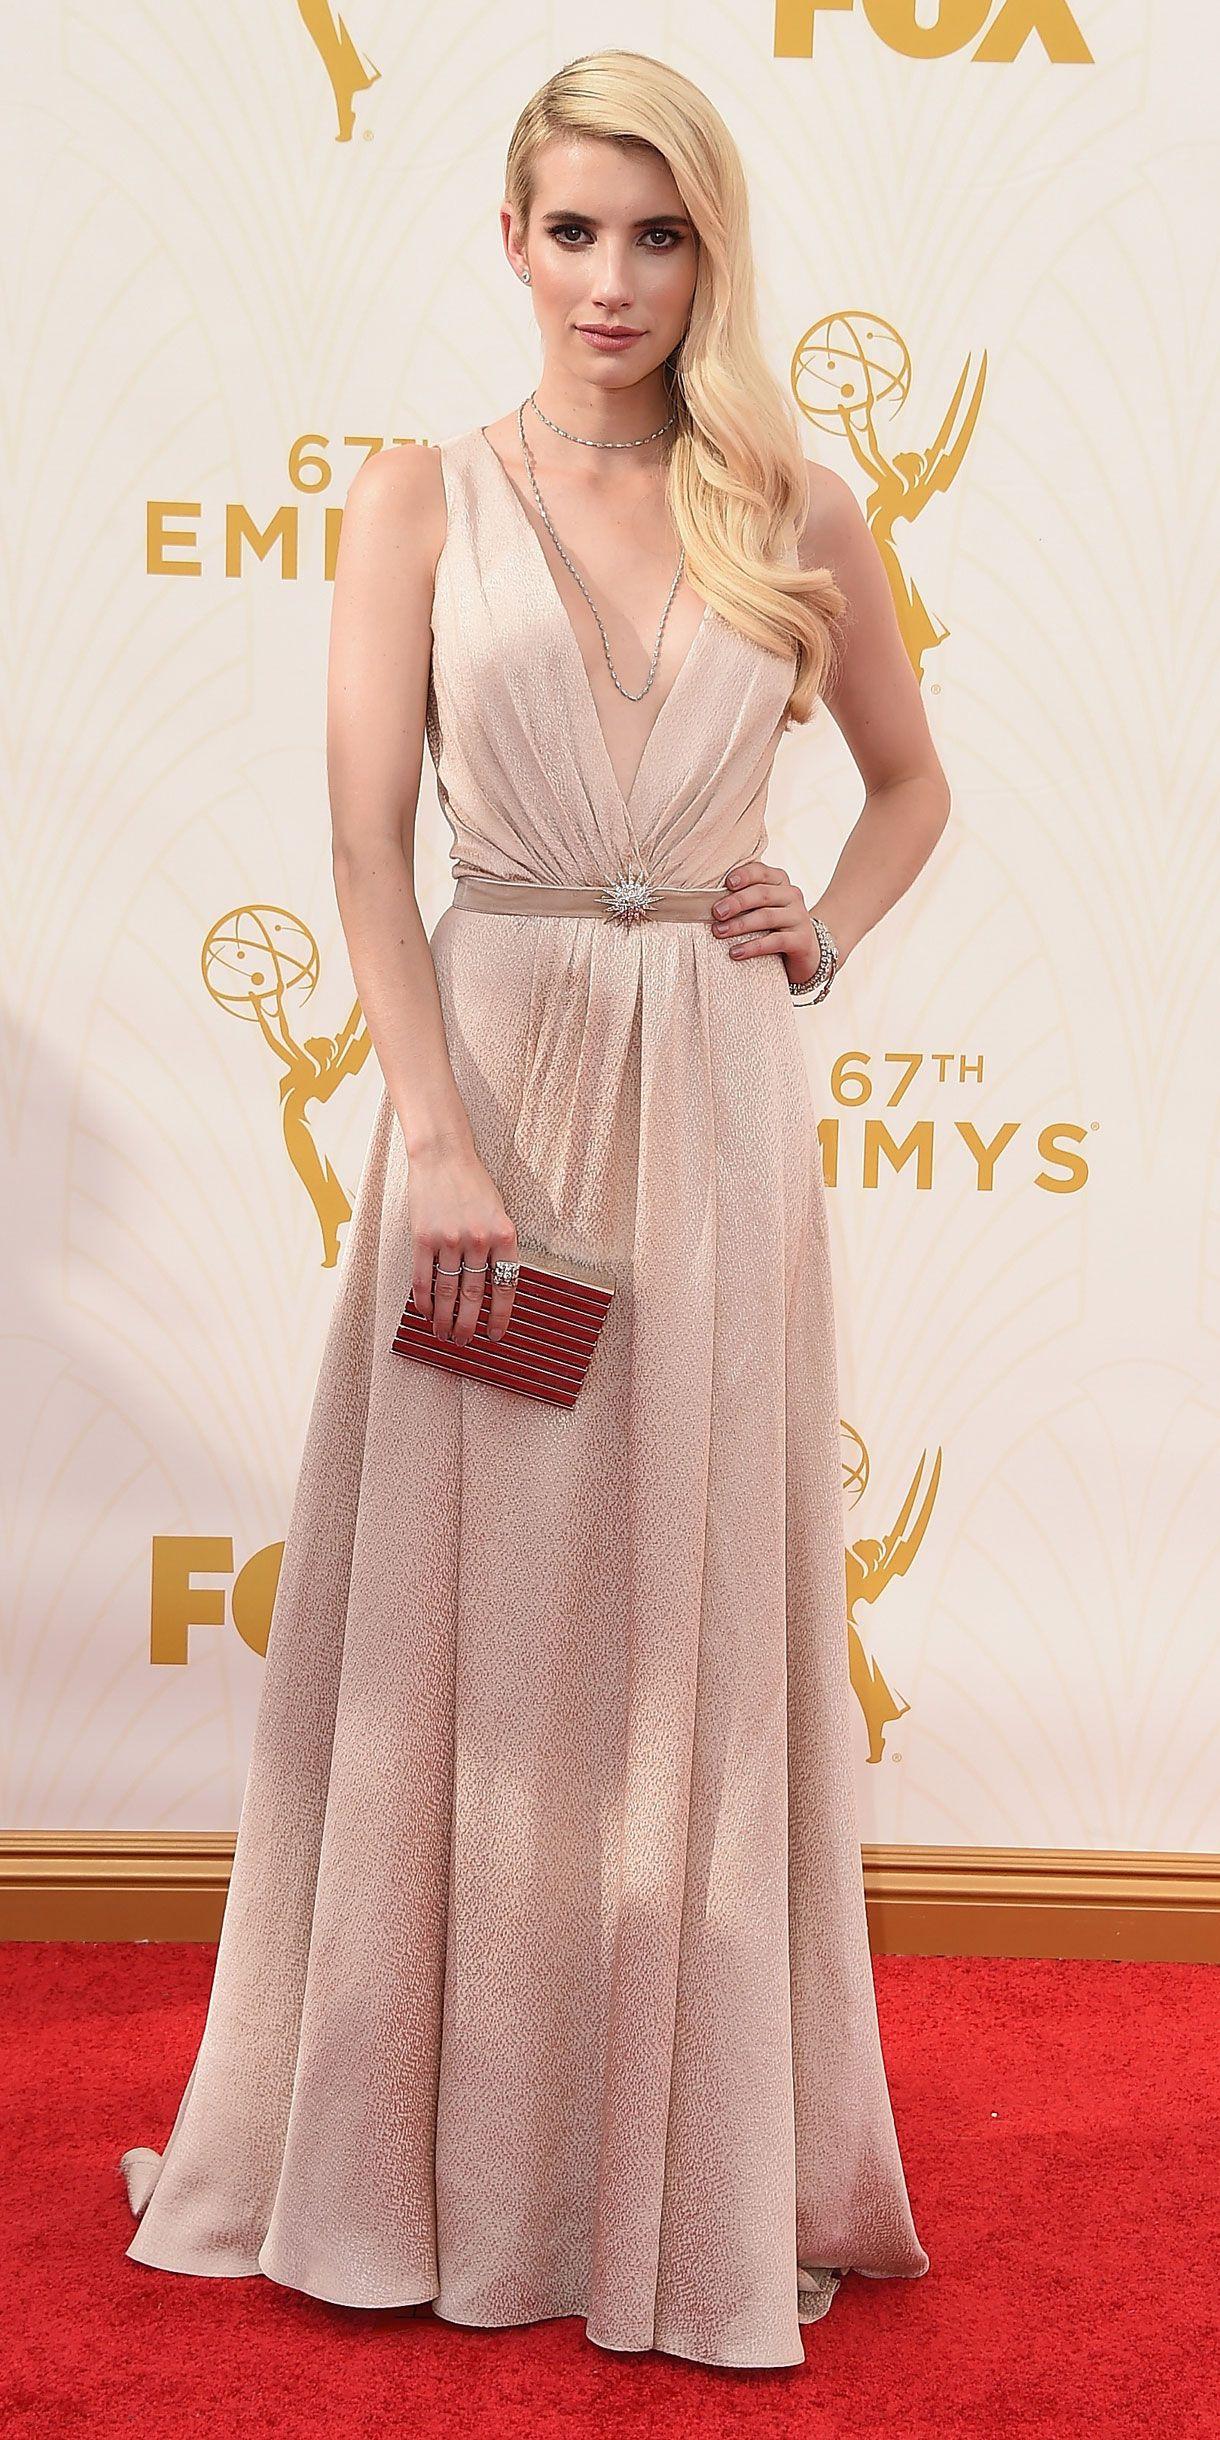 Emmys 2015 Red Carpet Arrivals | Trajes formales, Traje y Actors